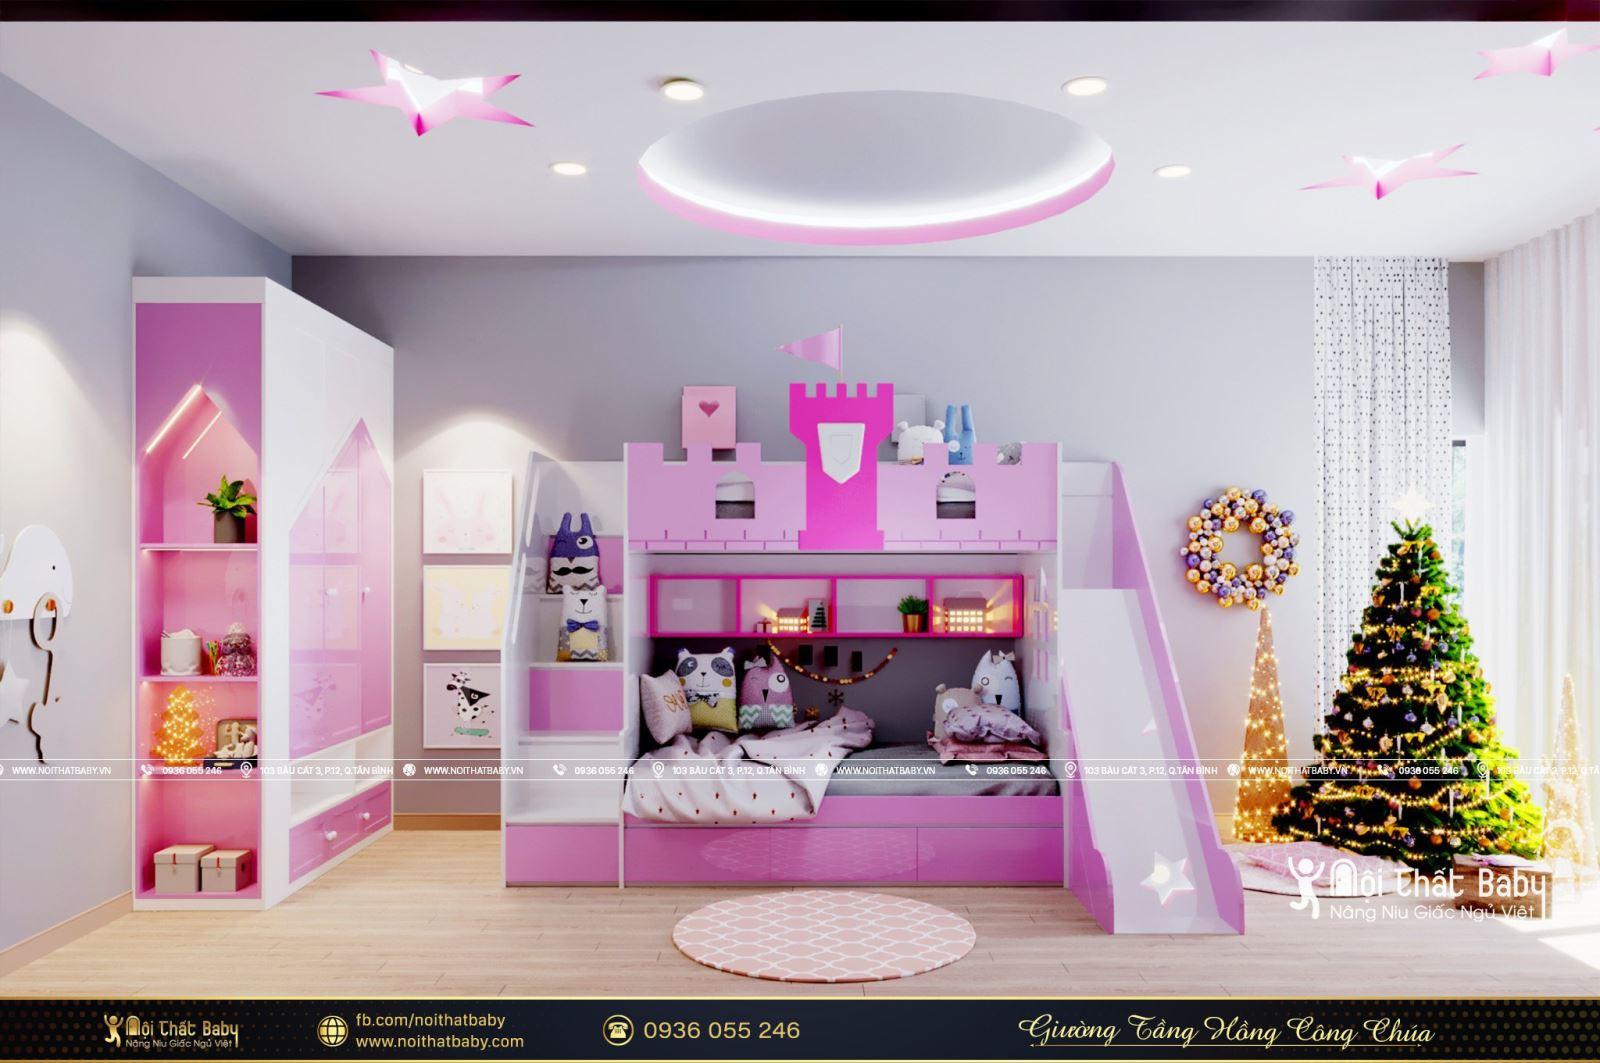 Top 4 mẫu giường tầng bé gái đẹp nhất năm 2021